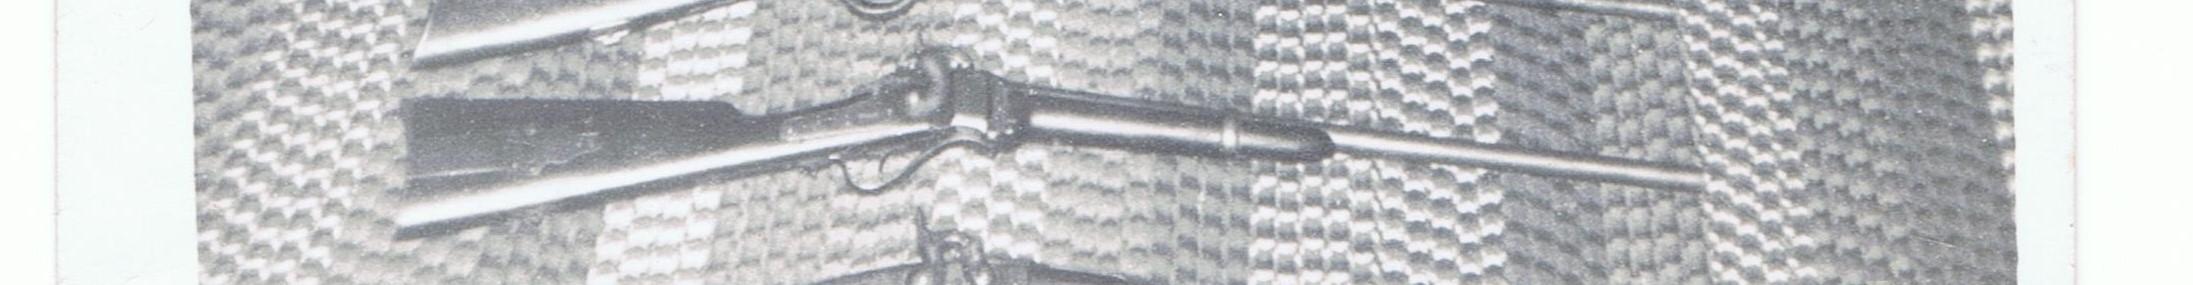 Dad's Gun Collection 2.1.jpg